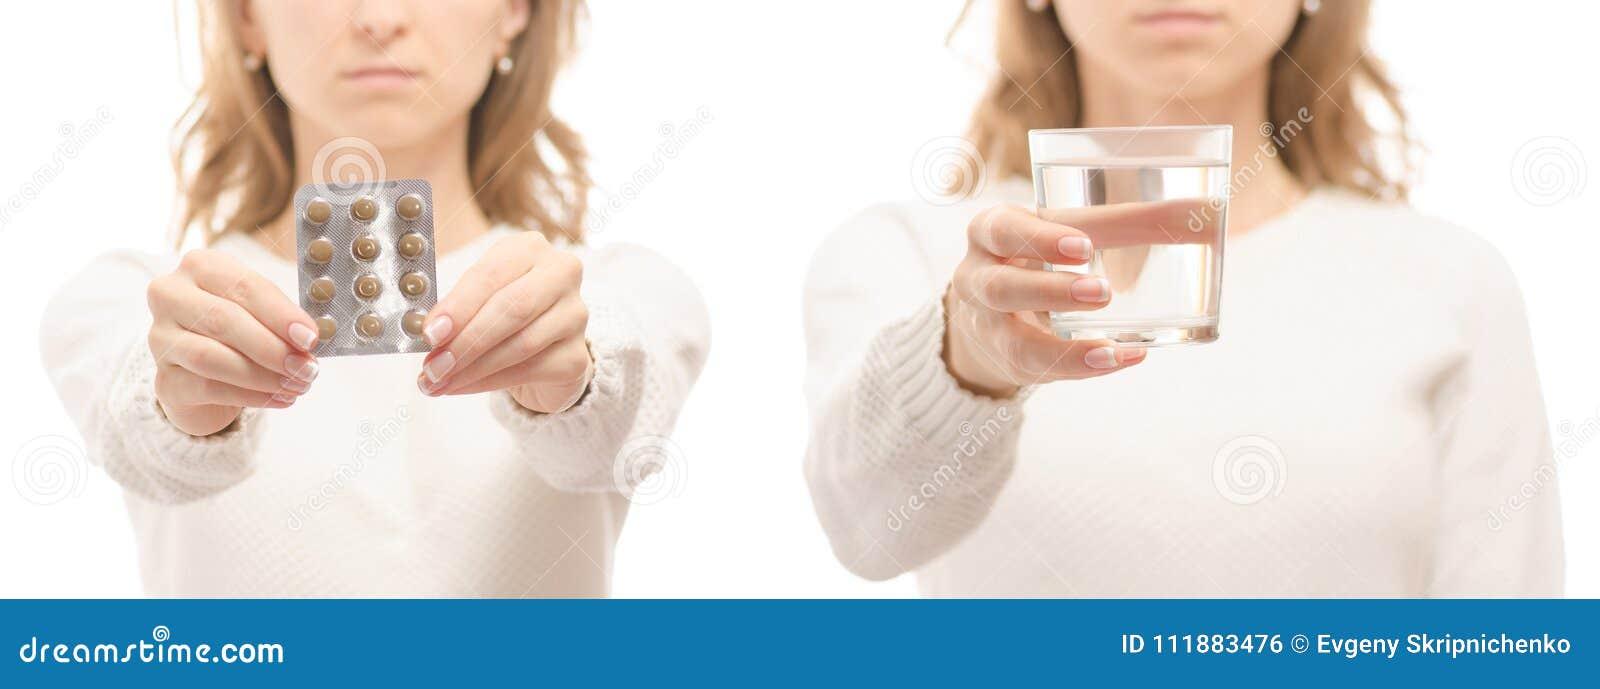 Mulher nas mãos de uma tabuleta de um vidro do grupo frio da doença da gripe da medicina saudável do grupo da água